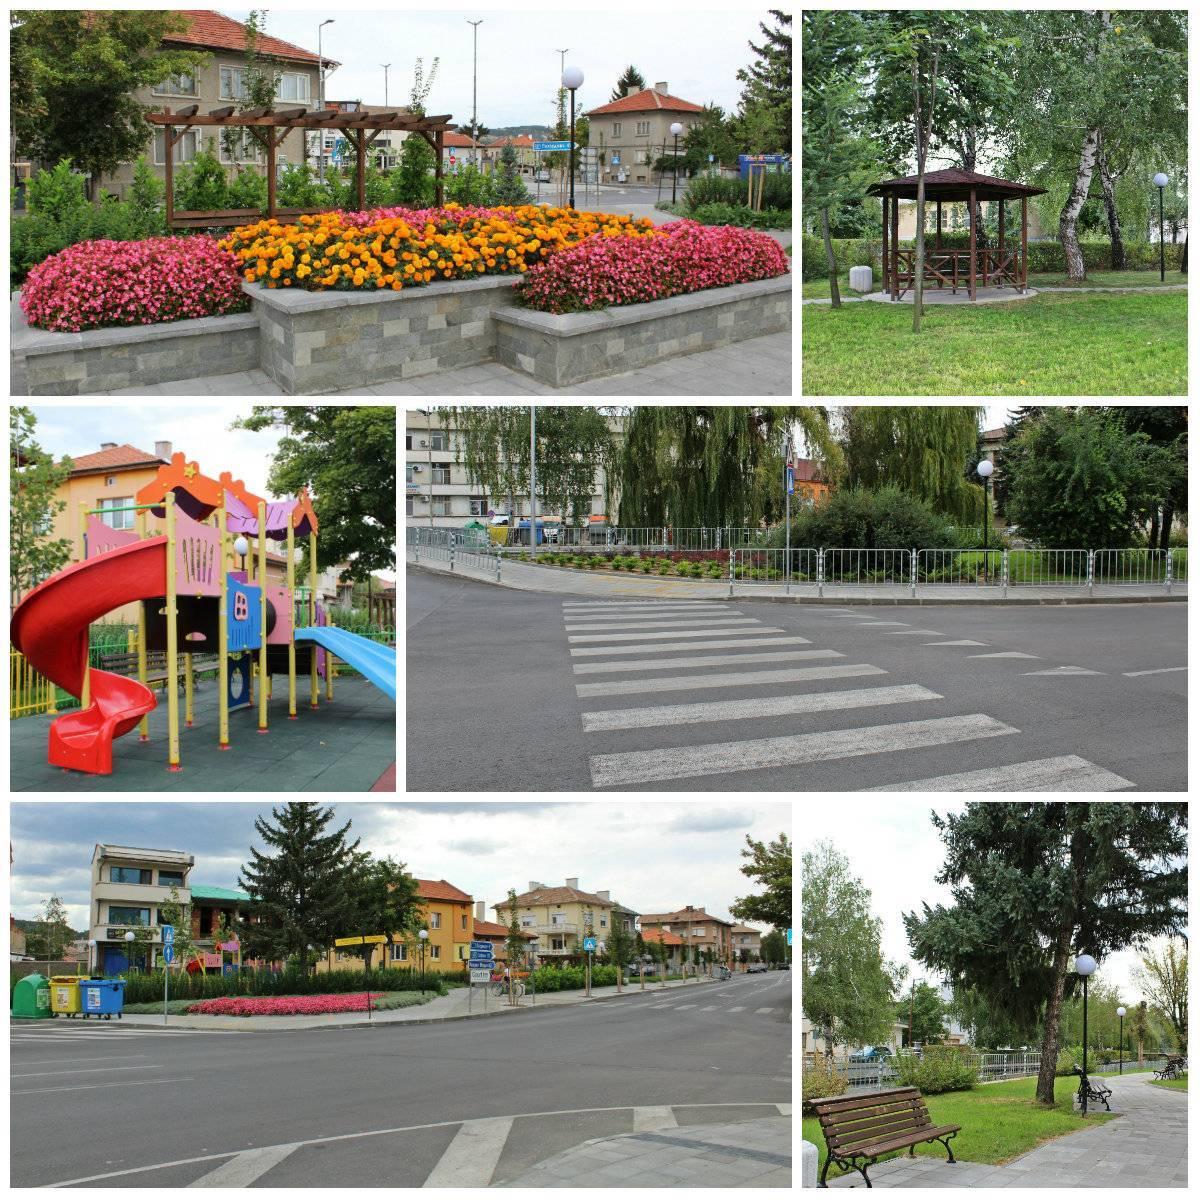 С пресконференция и официална церемония Община Панагюрище приключва проекта за благоустройство на 12 улици в града